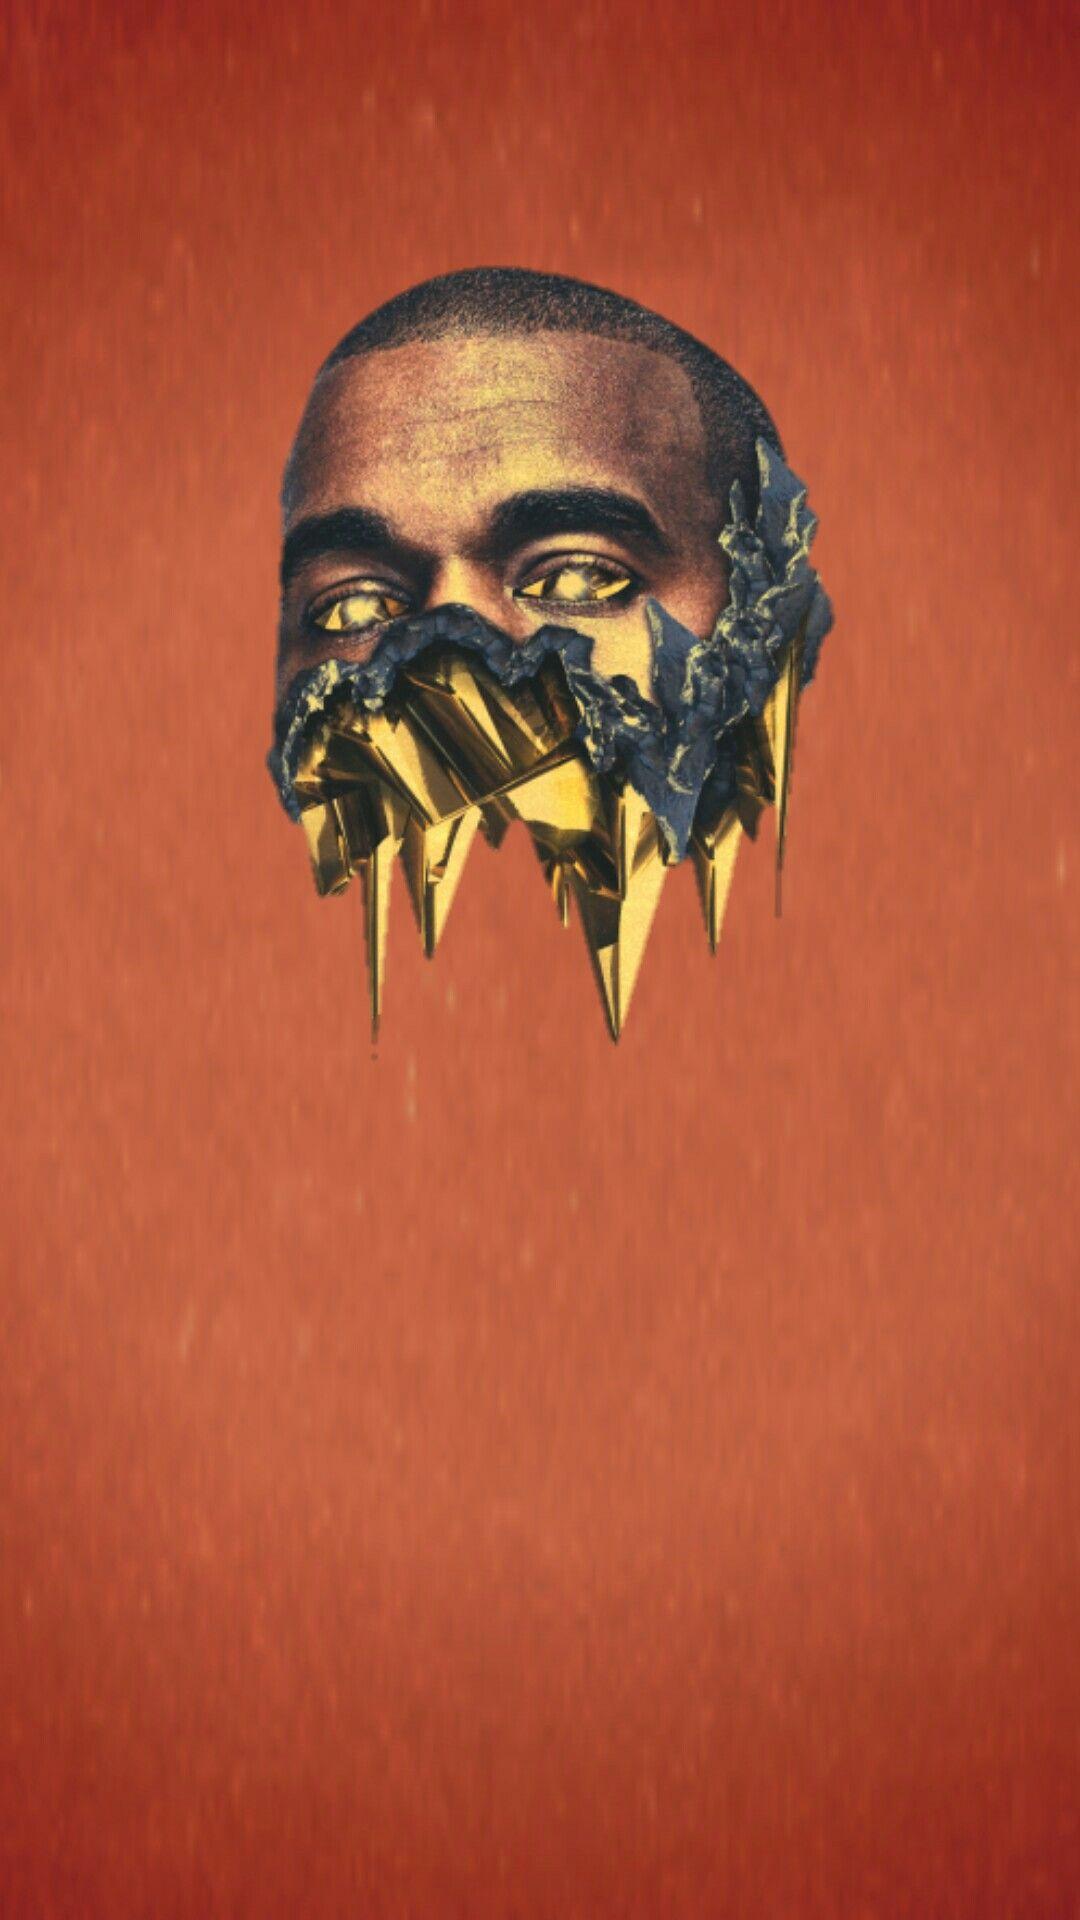 Kanye West Wallpaper Kanye West Wallpaper Yeezus Wallpaper Hip Hop Art